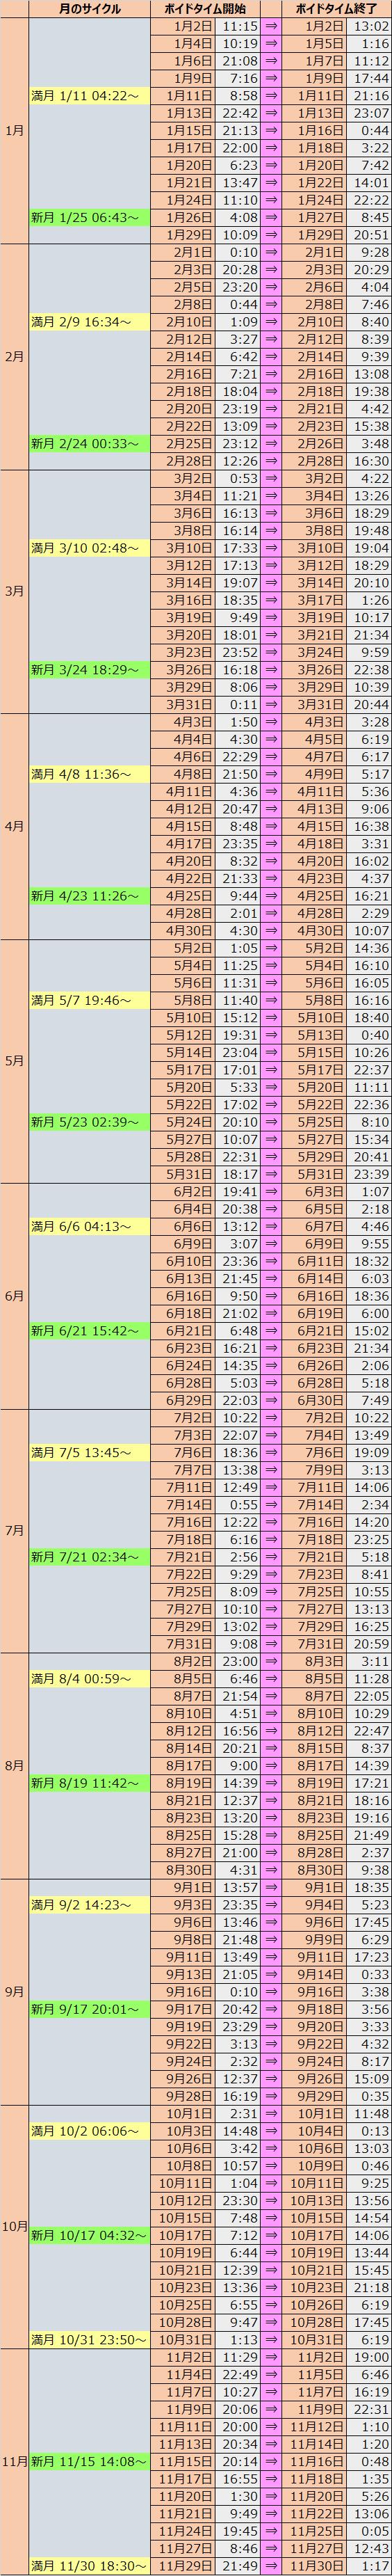 ボイド タイム 2020 【2020年版】 ボイドタイムと新月・満月の一覧表